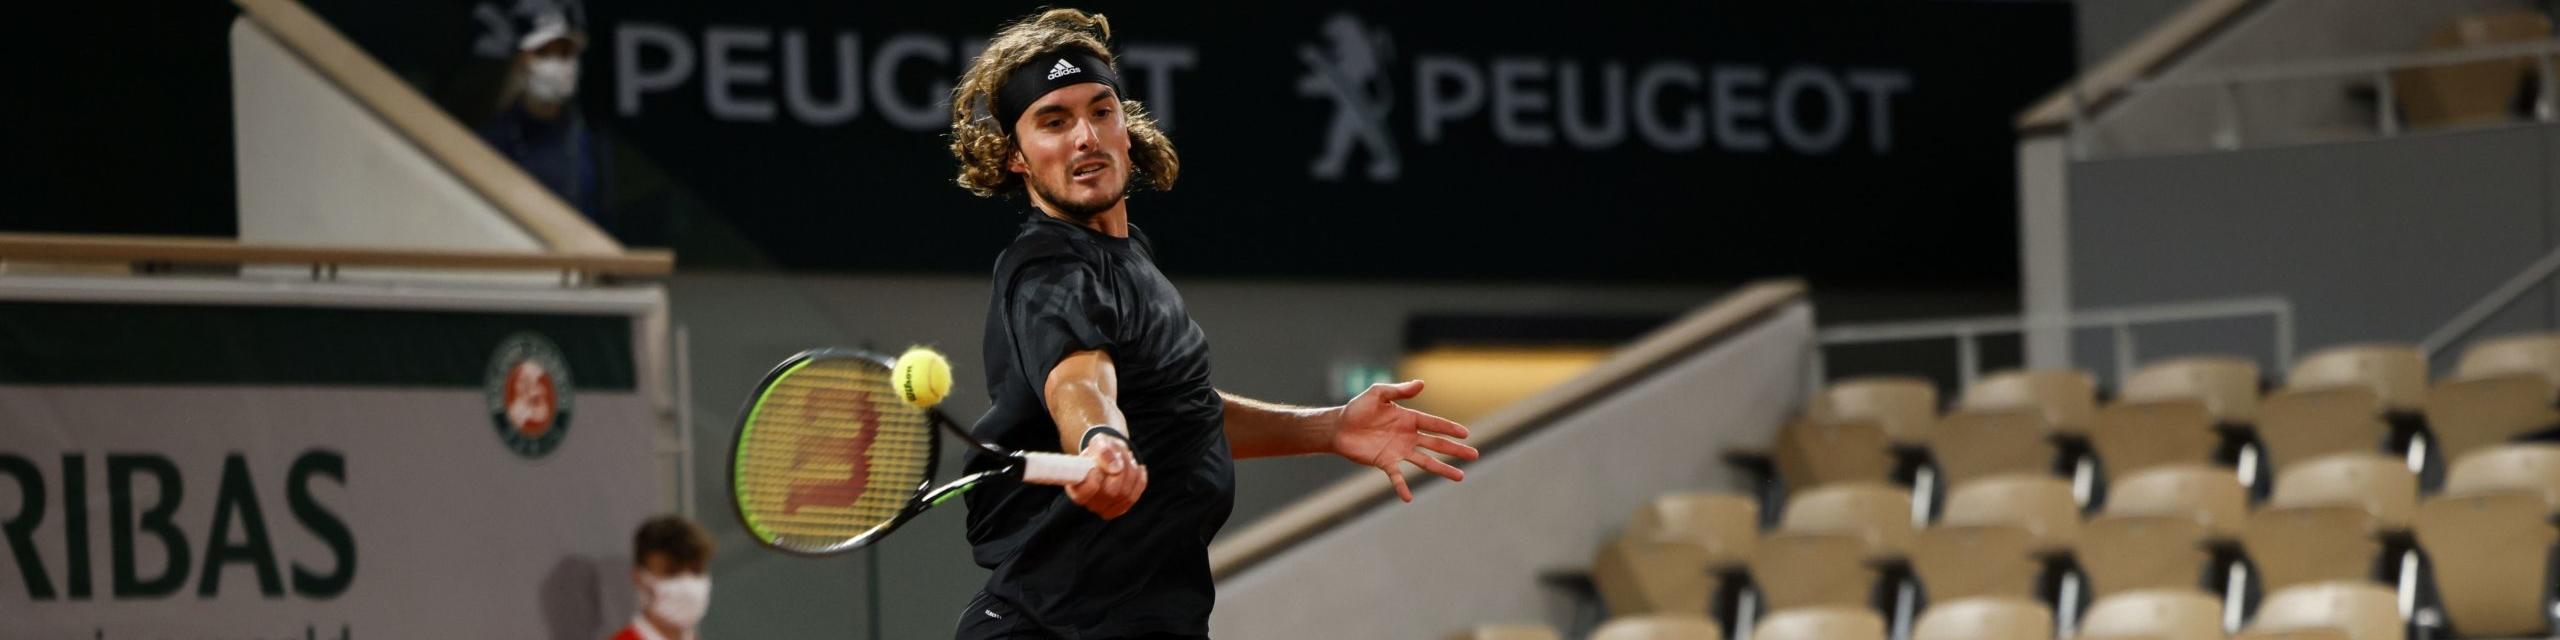 Pronostici Roland Garros, semifinali uomini: Dieguito può impensierire Nadal, Tsitsi insidia Nole